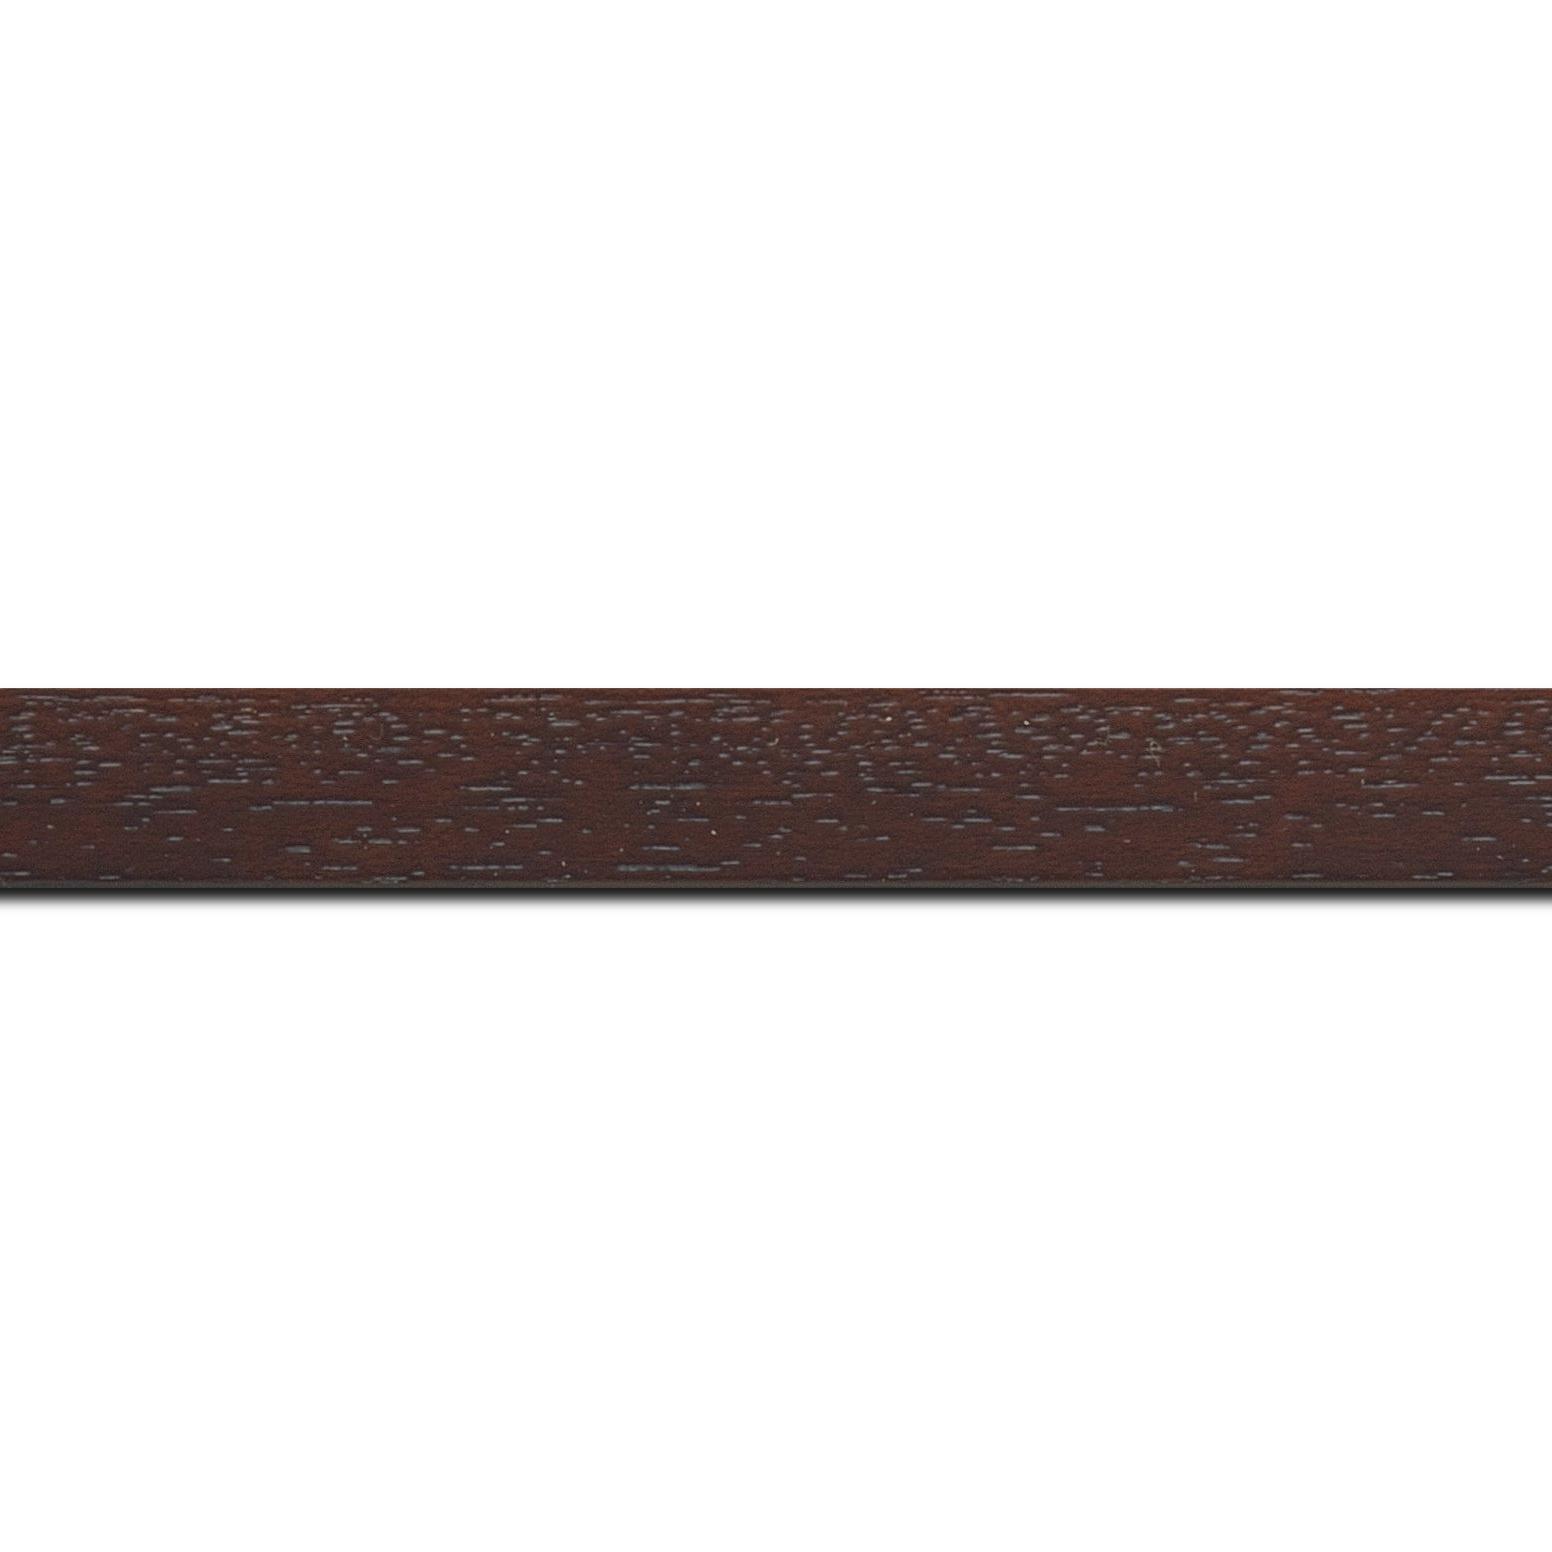 Baguette longueur 1.40m bois profil plat largeur 2cm hauteur 3.3cm marron foncé satiné (aussi appelé cache clou)